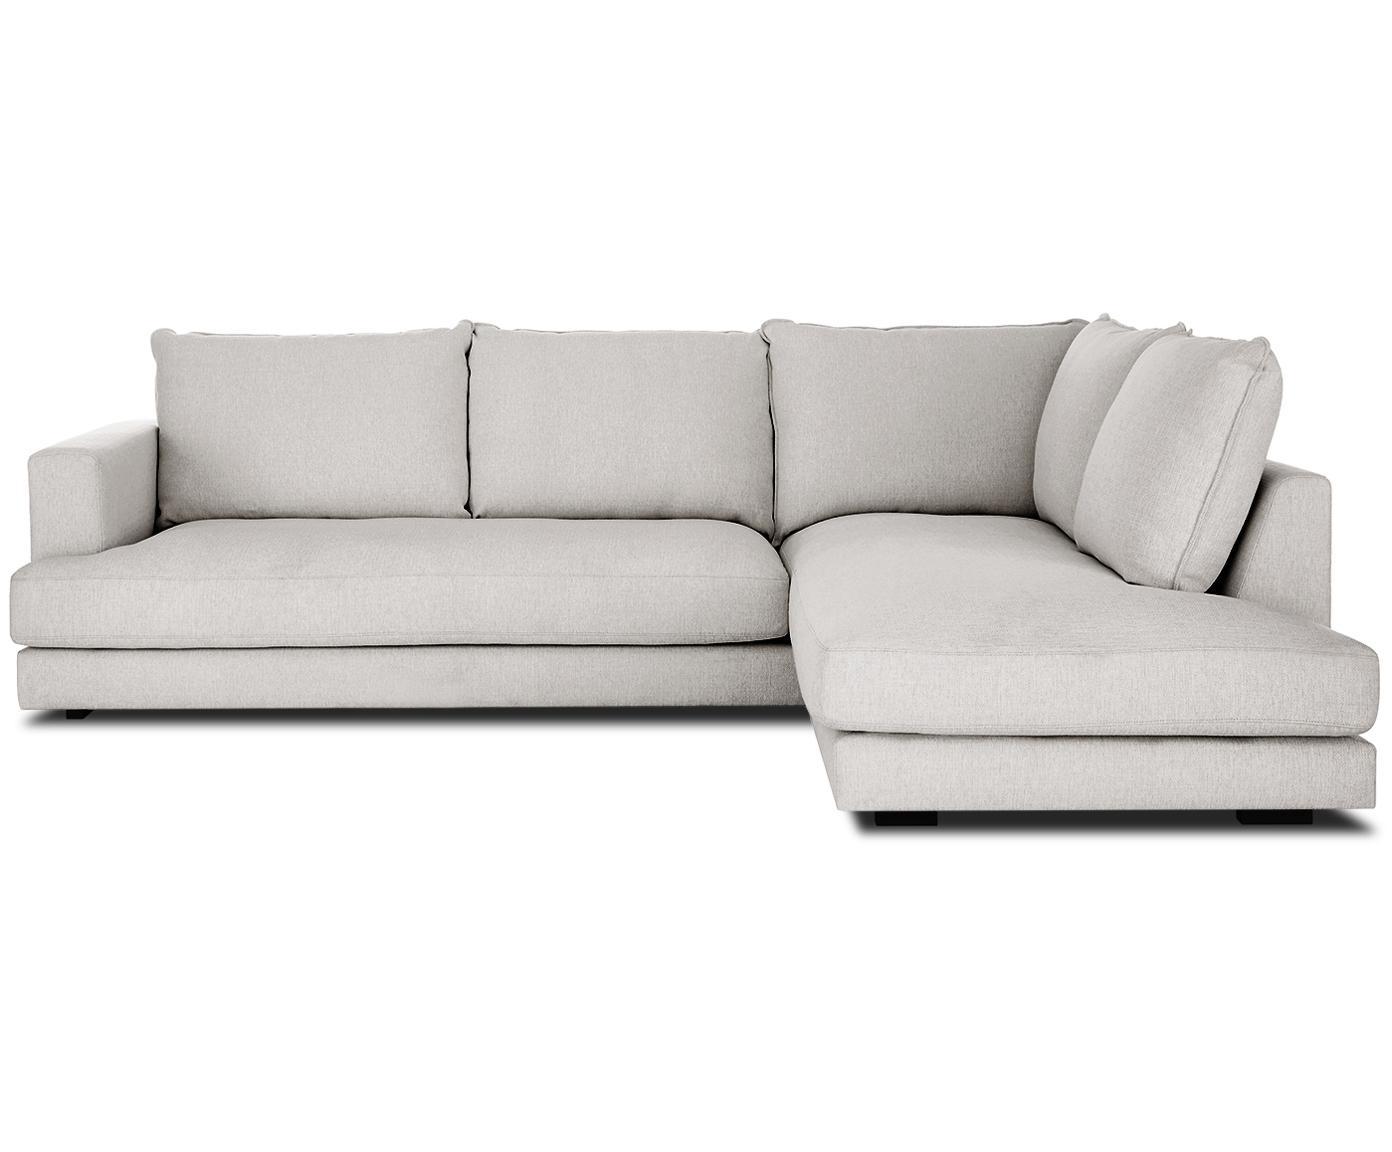 Grosses Ecksofa Tribeca, Bezug: Polyester 25.000 Scheuert, Sitzfläche: Schaumpolster, Fasermater, Gestell: Massives Kiefernholz, Webstoff Beigegrau, B 274 x T 192 cm